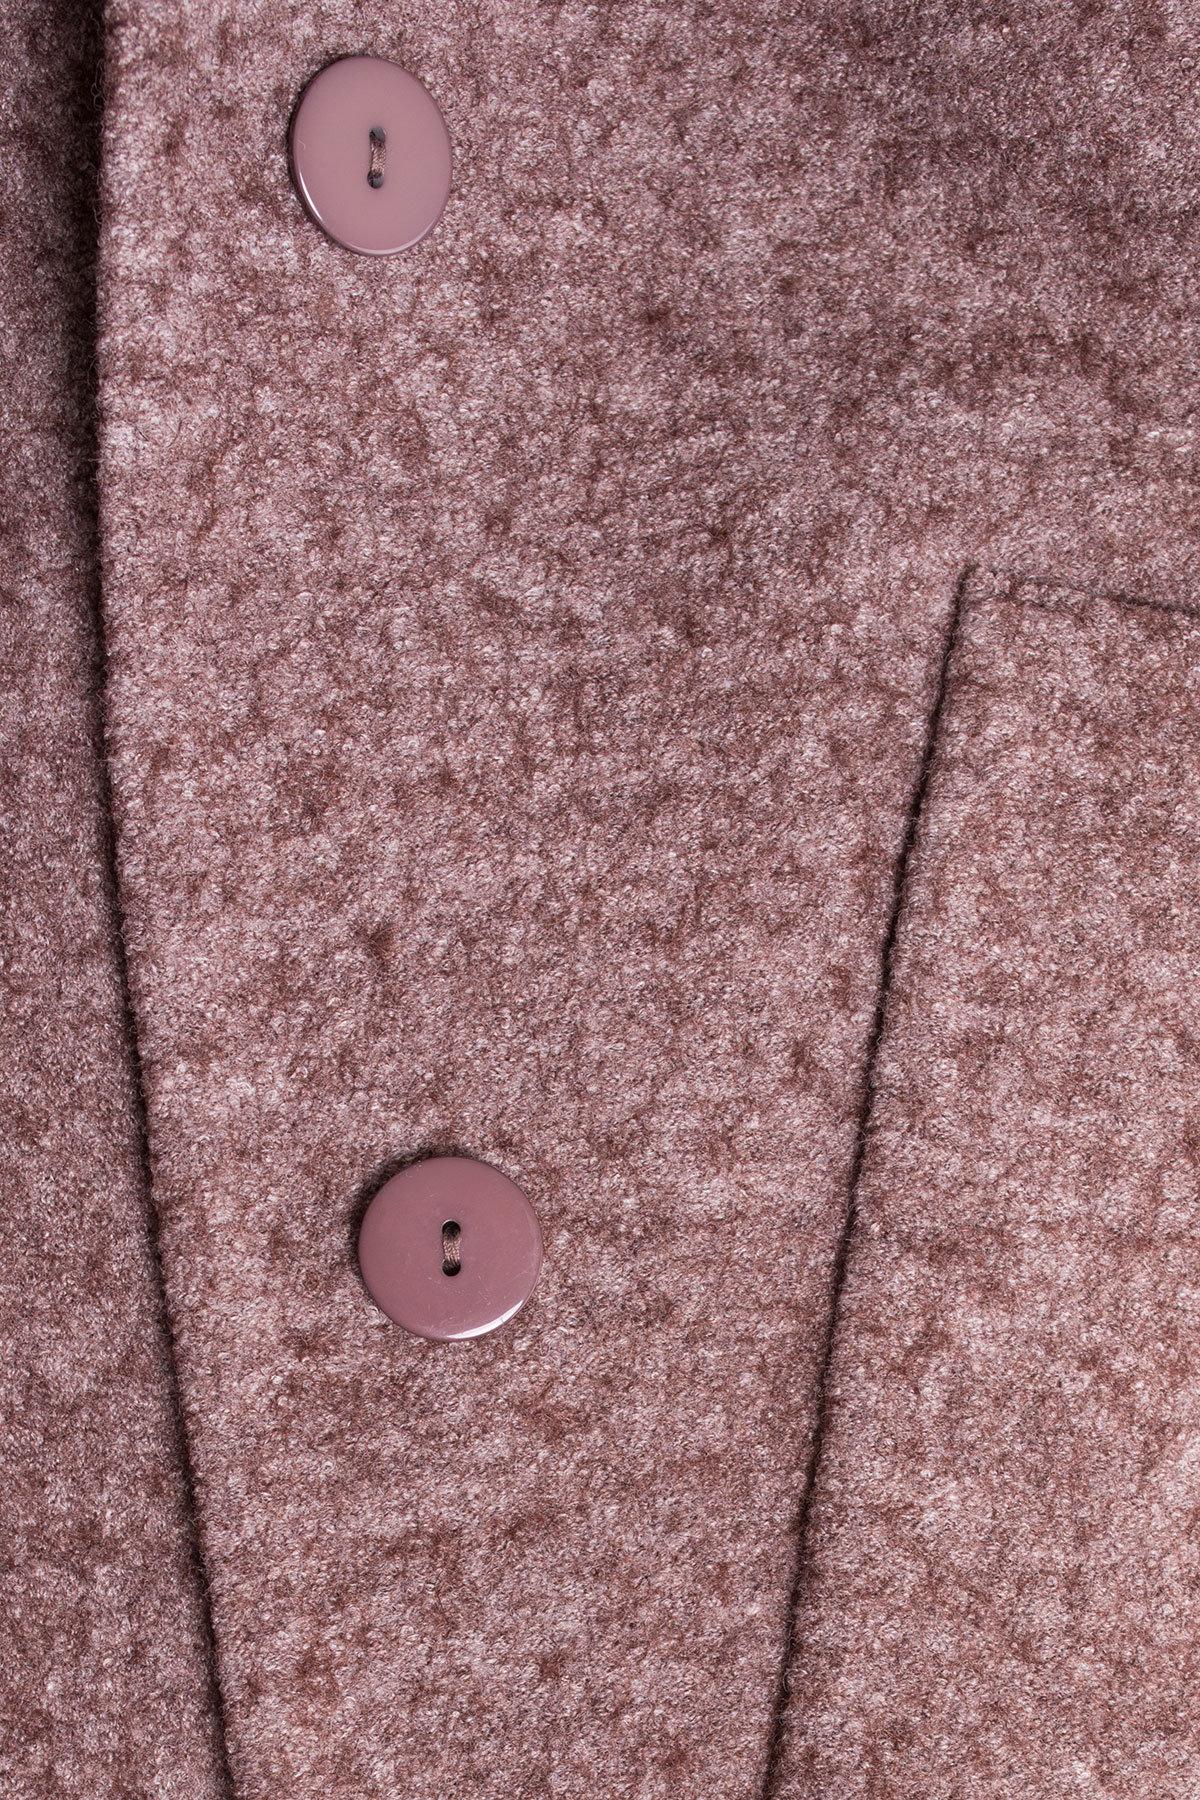 Пальто зима с капюшоном Анита Donna 3720 АРТ. 19287 Цвет: Кофе LW-4 - фото 6, интернет магазин tm-modus.ru